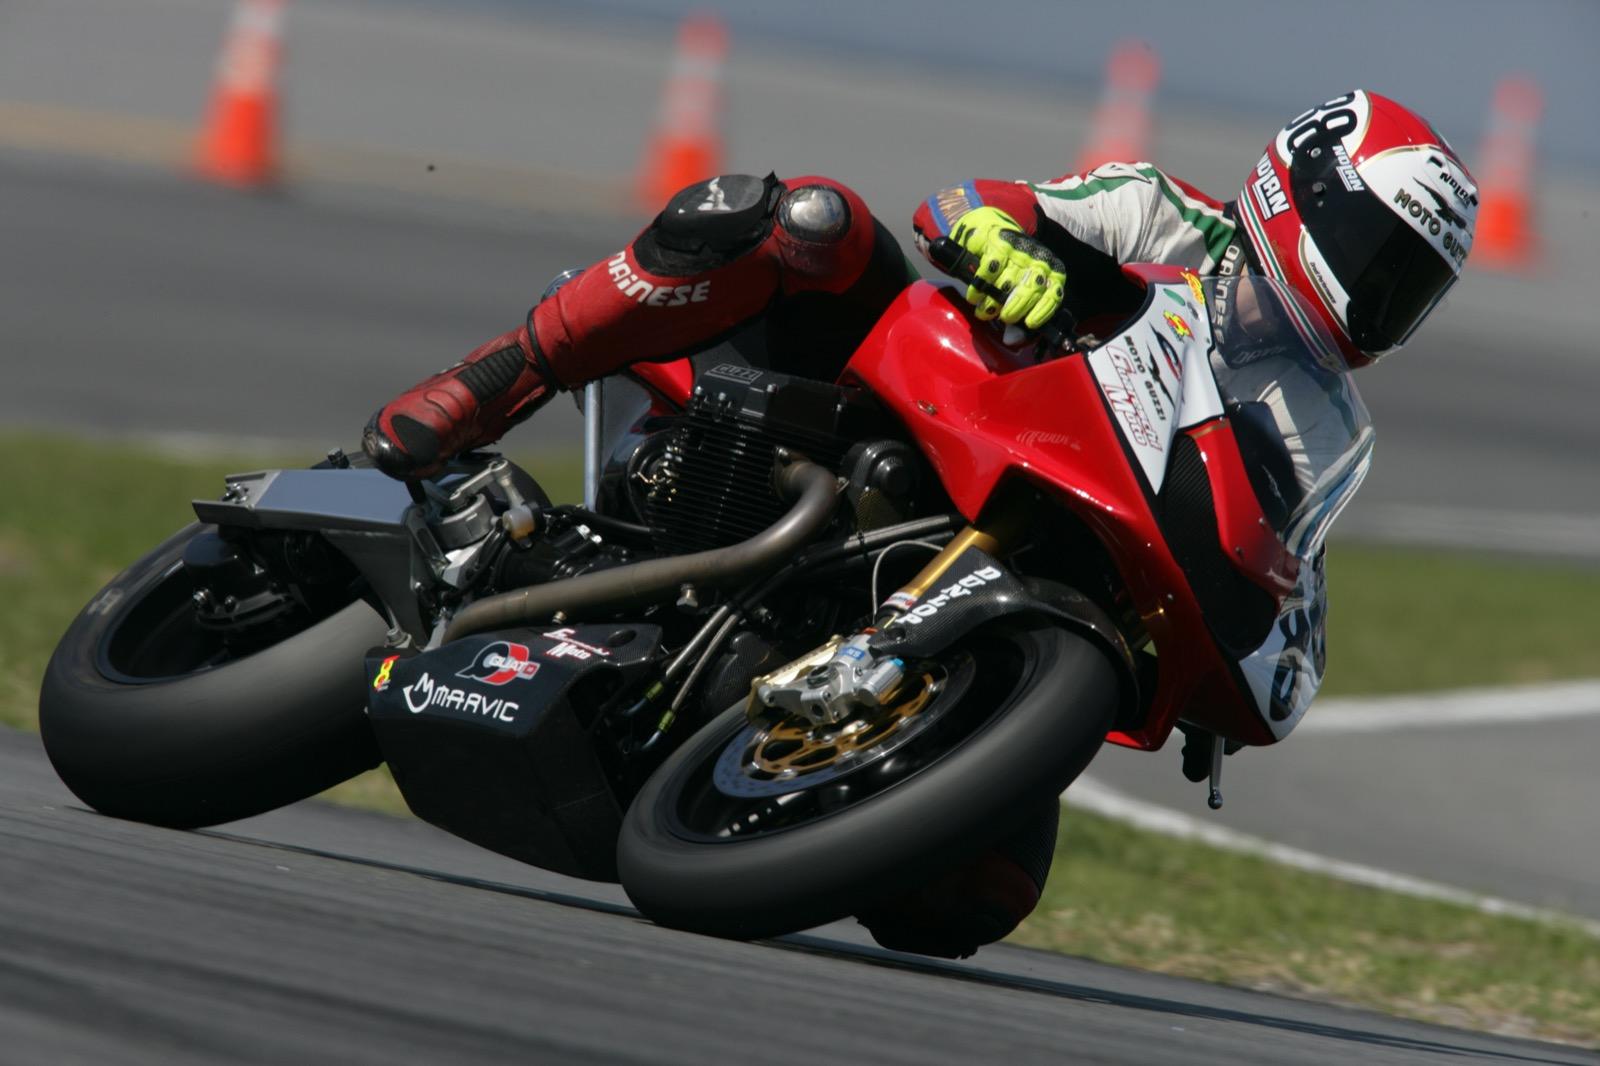 MGS-01 - Daytona Win 2006